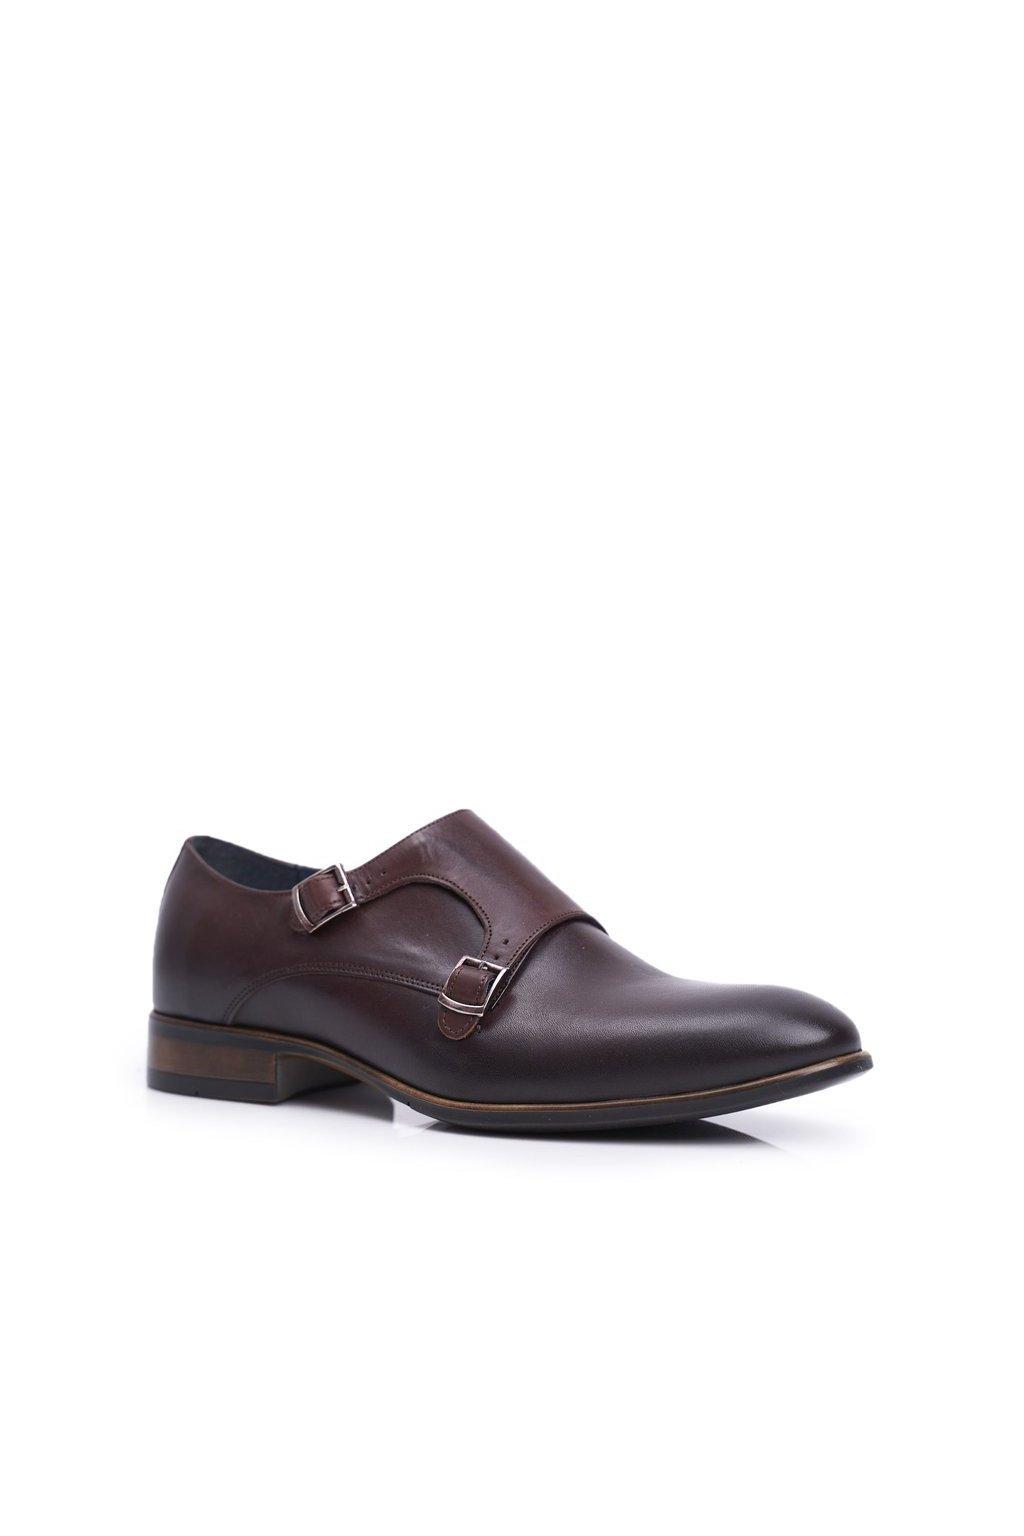 Pánske poltopánky farba hnedá kód obuvi 1720 D.BROWN BC.27